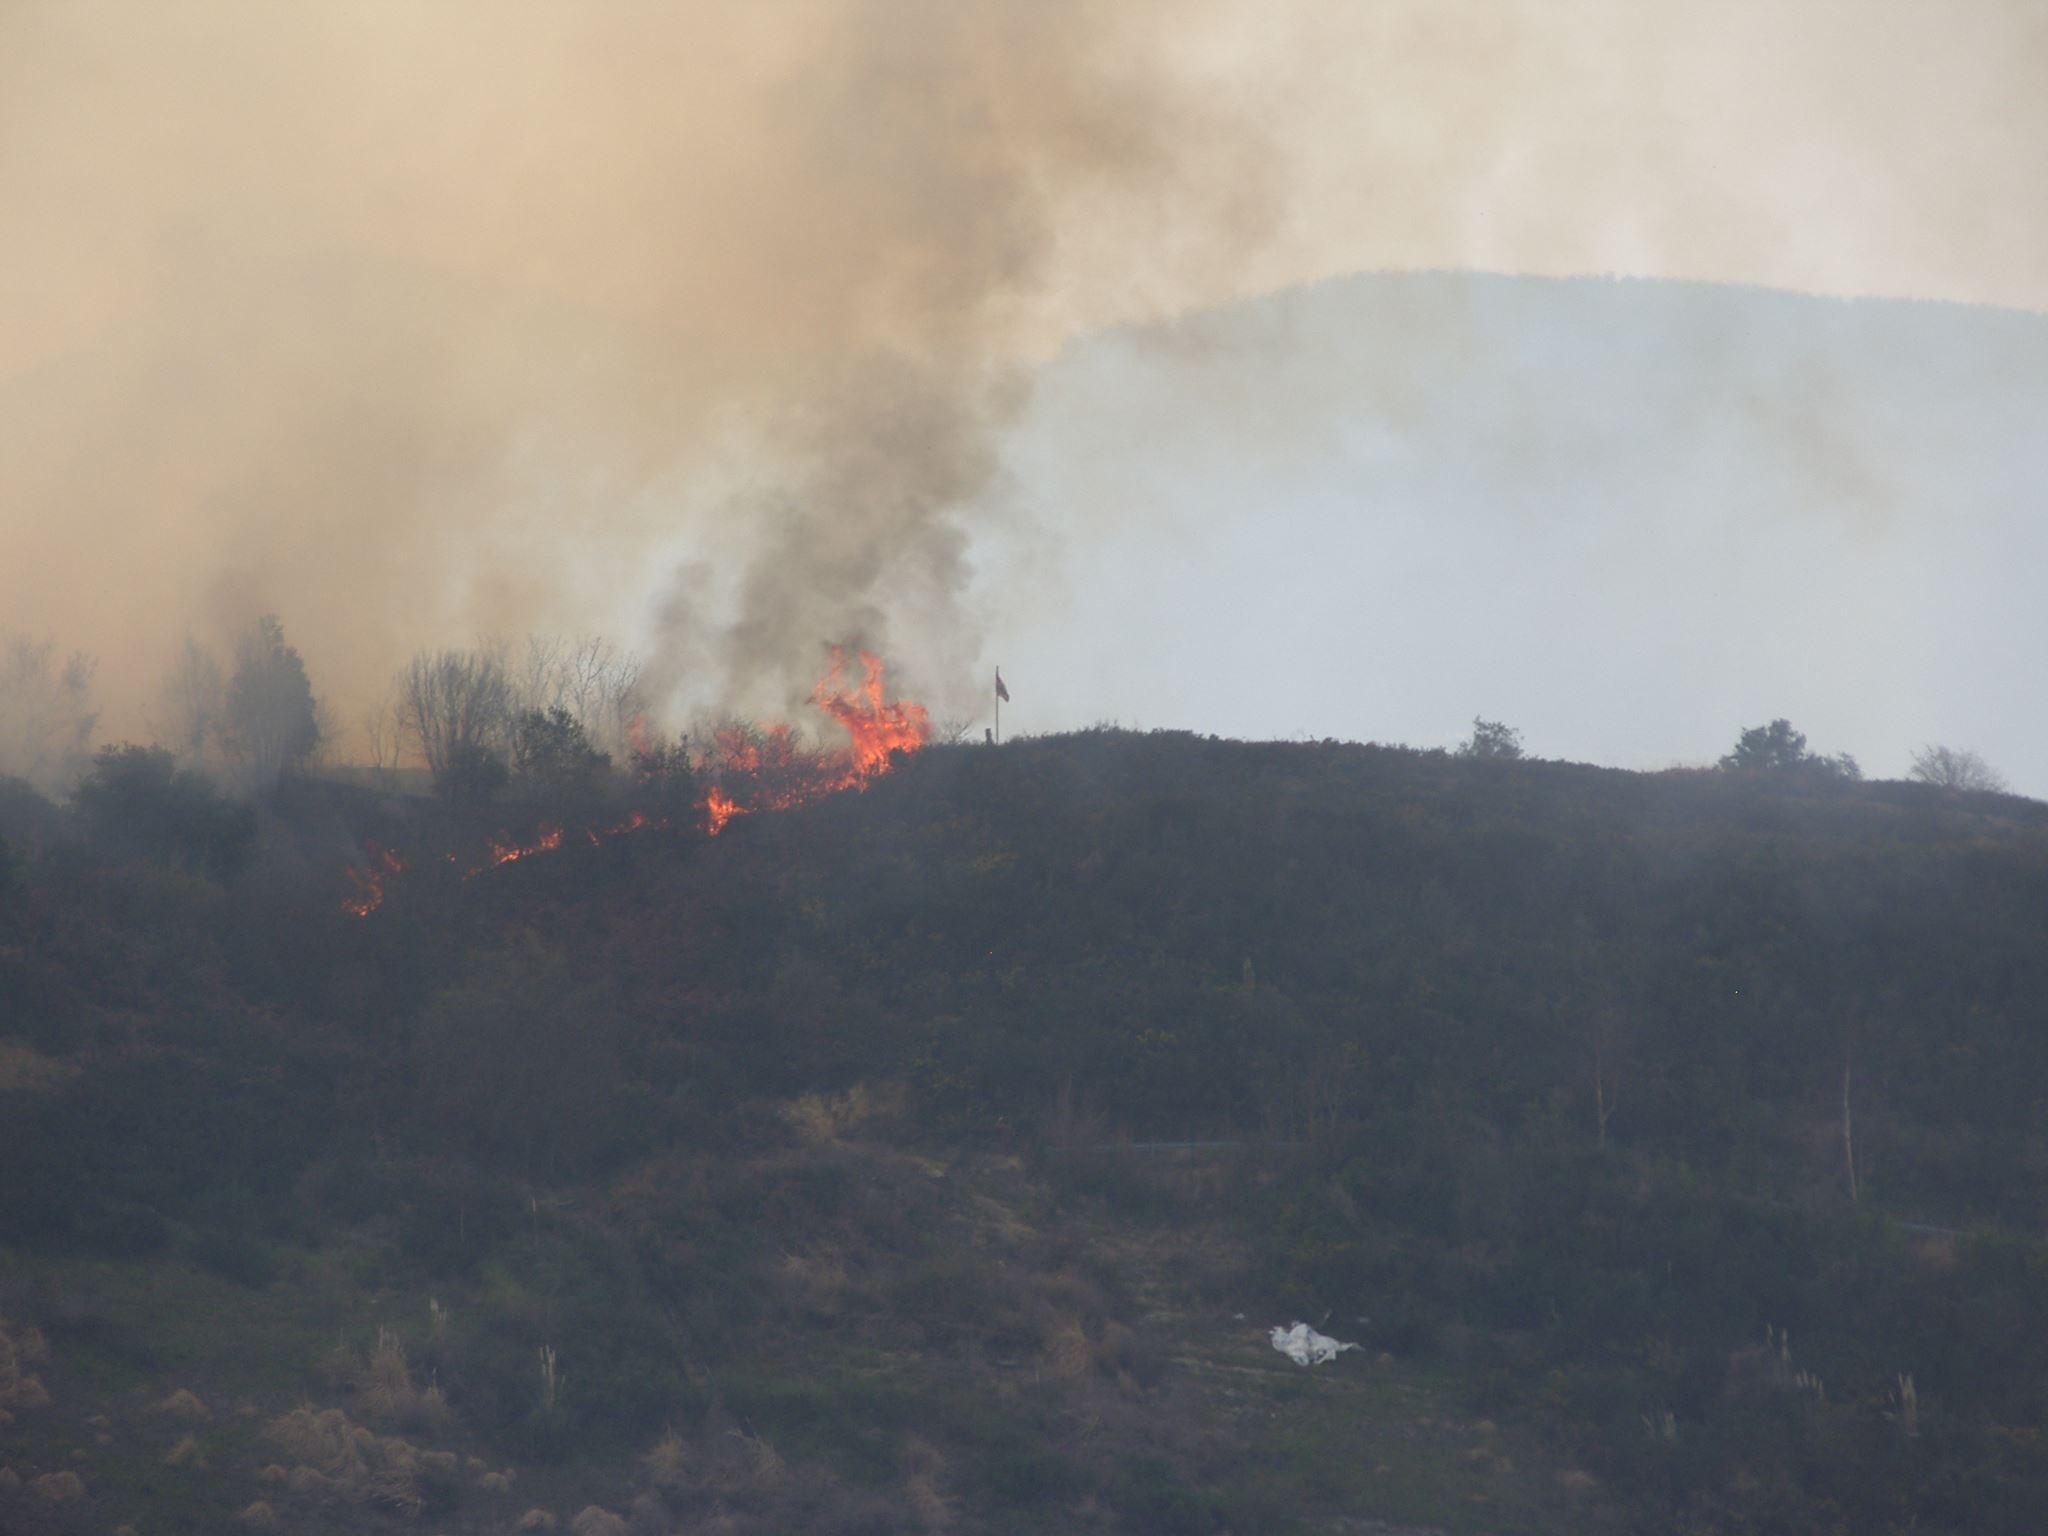 Imagen del fuego acercándose a la Ikurrina que corona el Monte Urko en Berango